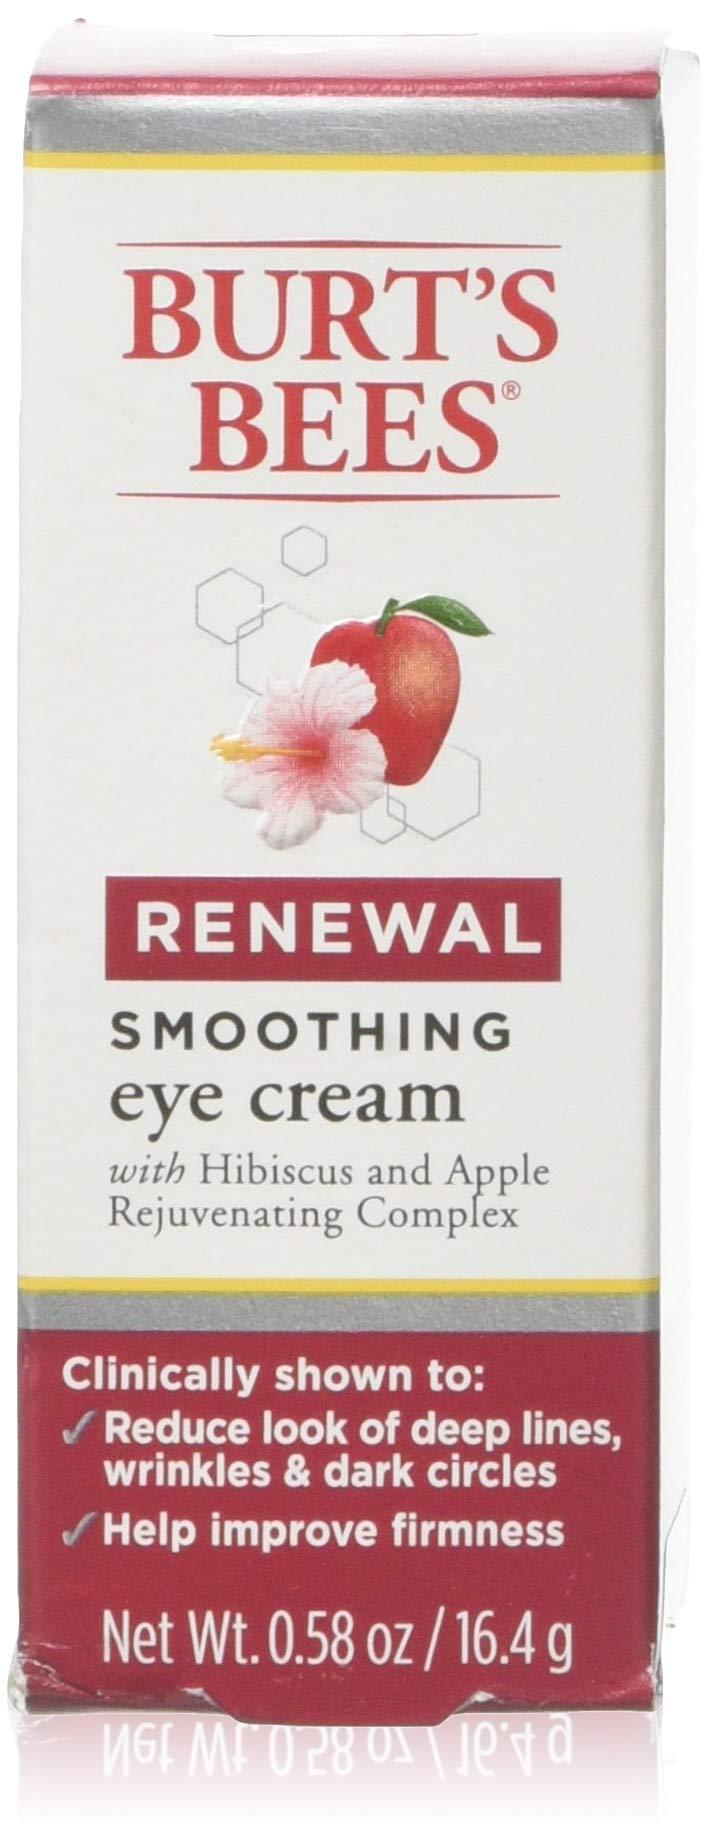 Burt's Bees Renewal Smoothing Eye Cream, Firming Eye Cream, 0.58 Ounce by Burt's Bees